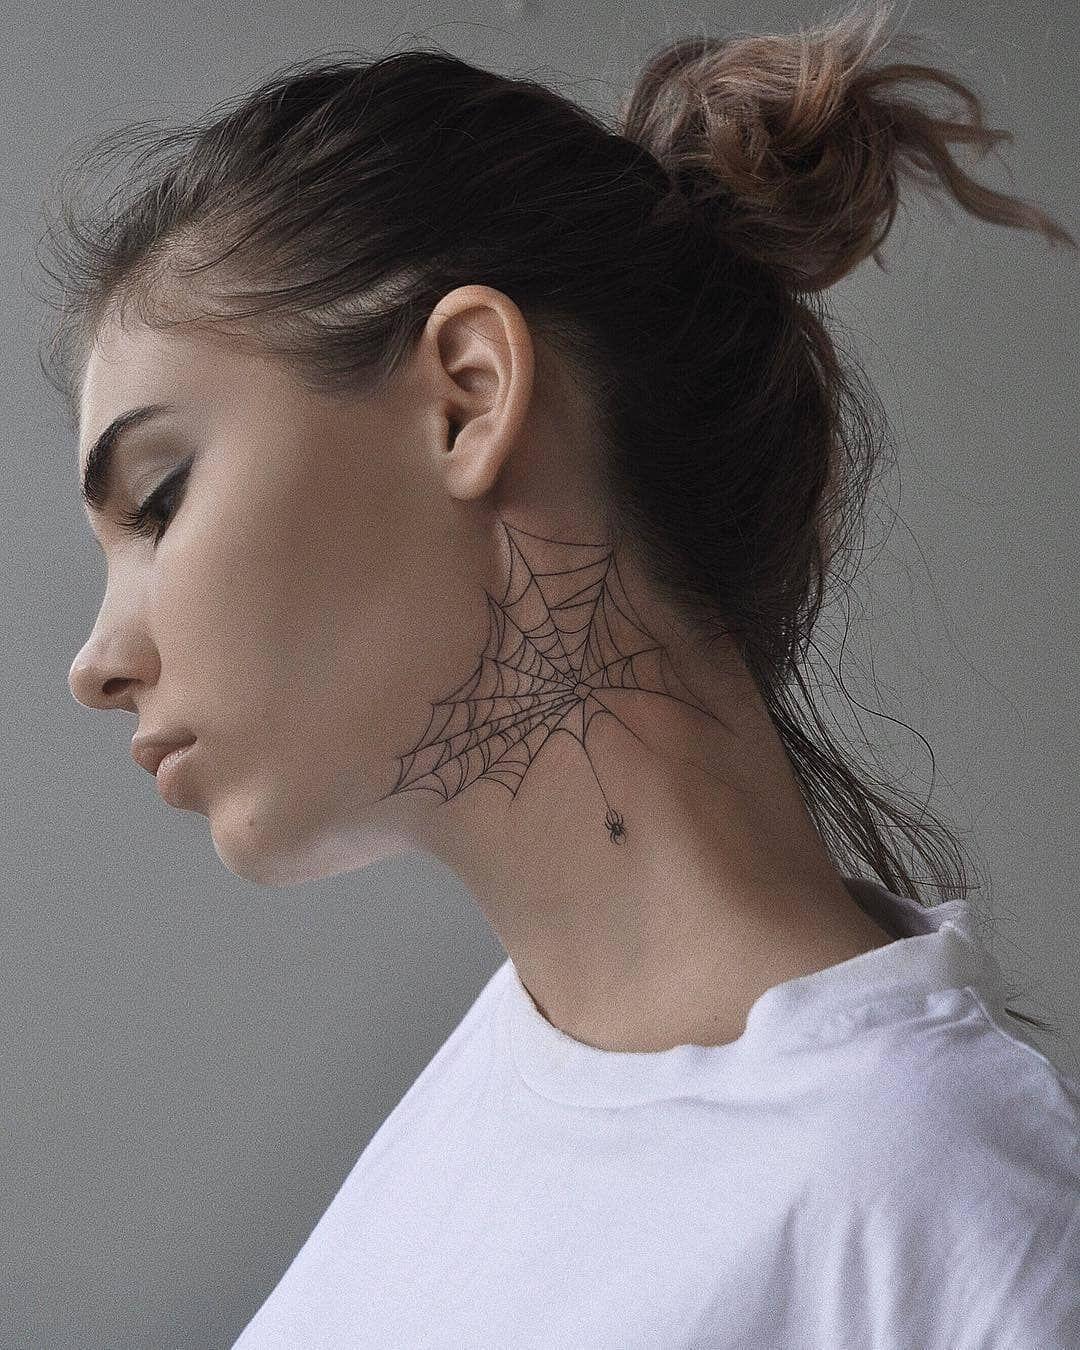 Spider Web Tattoo Neck Tattoos Women Web Tattoo Spider Web Tattoo